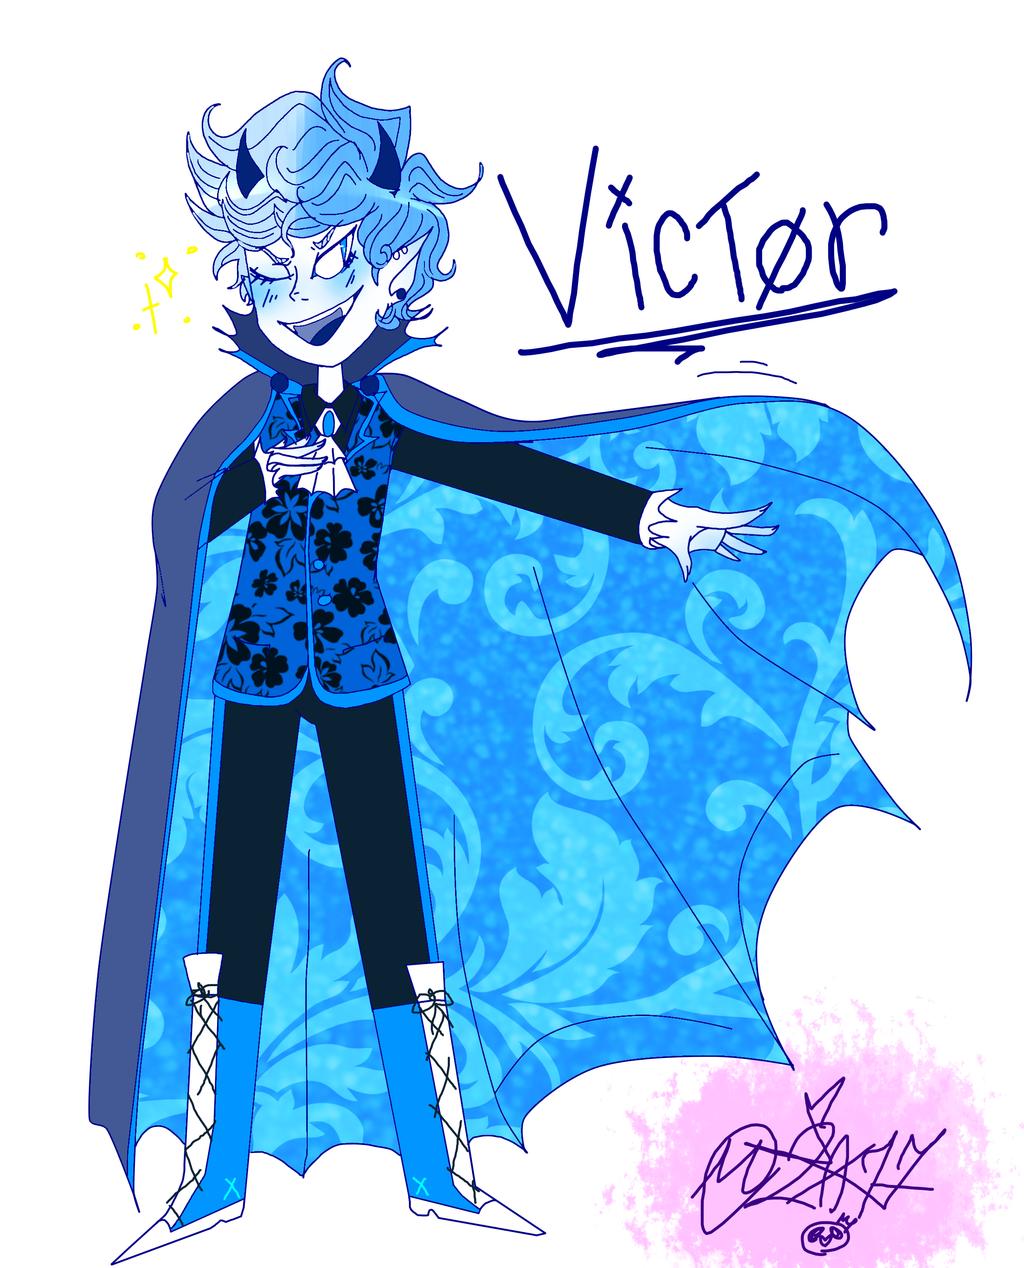 My Weird OC: Victor by MikuBlazeTheKat